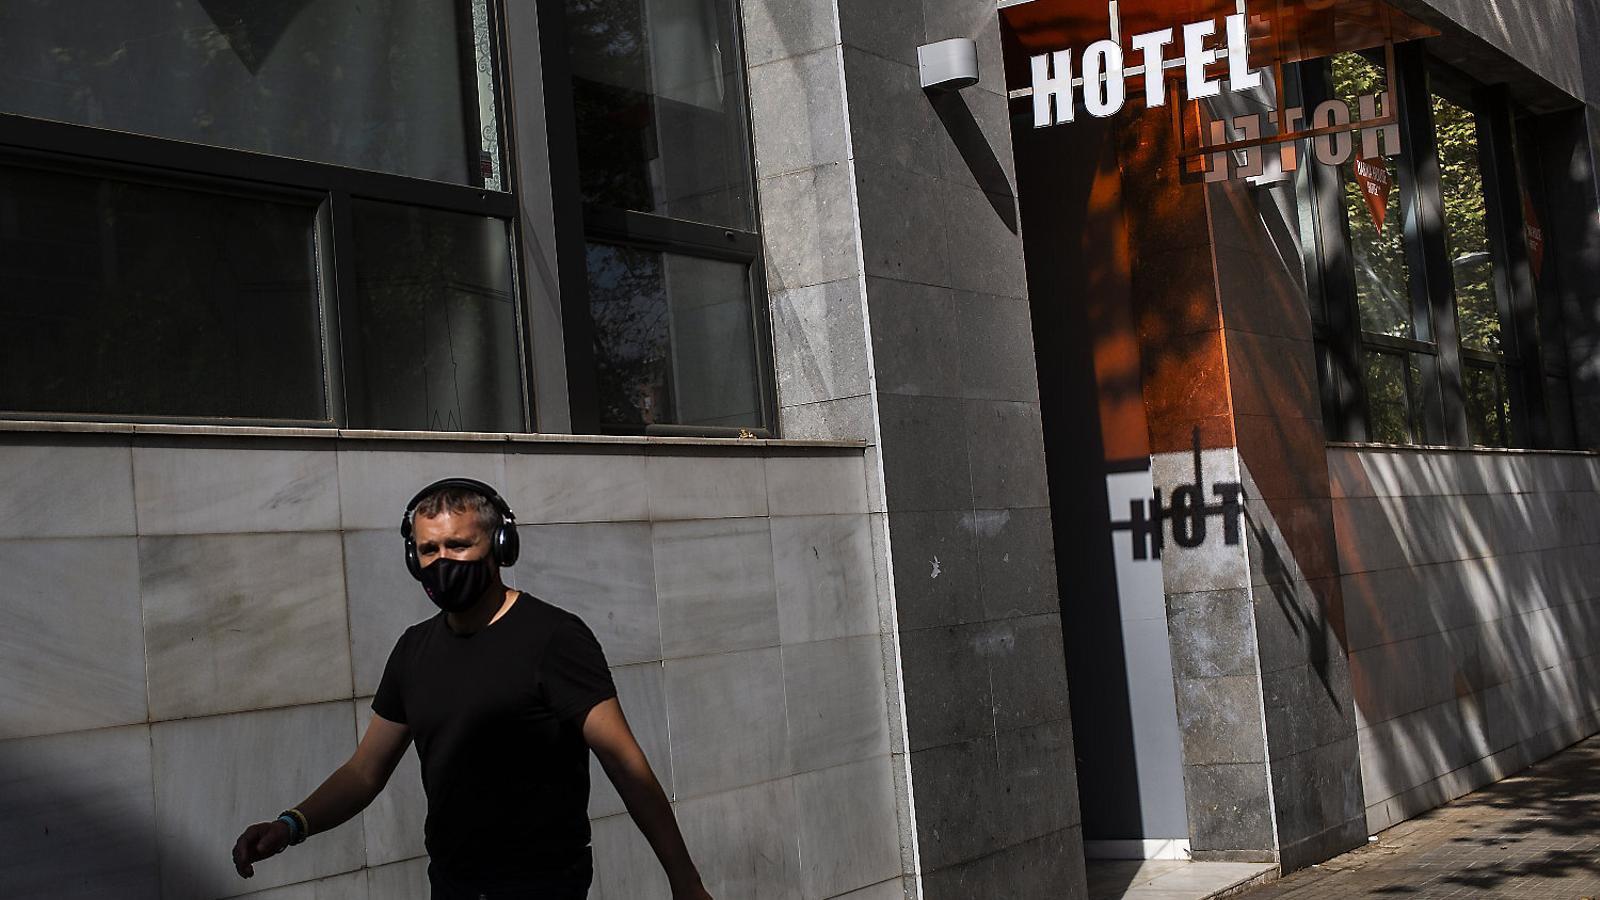 Un dels hotels de Barcelona que està  en venda.